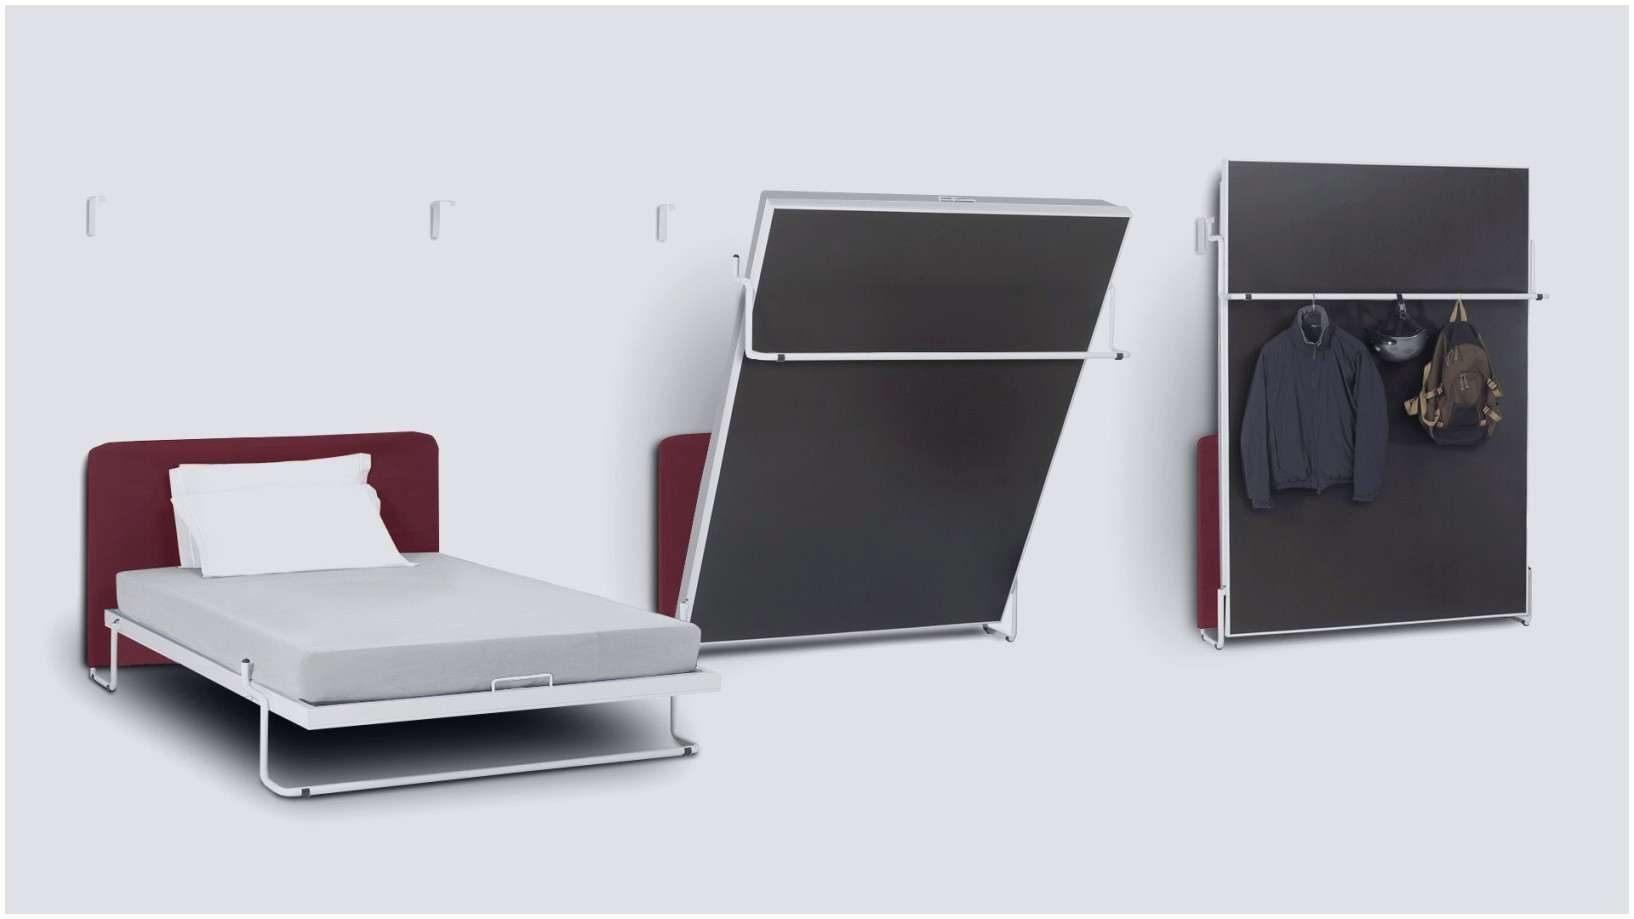 Fabriquer Un Lit Mezzanine Belle Beau 17 Génial Lit Double Mezzanine Ikea Adana Estepona Pour